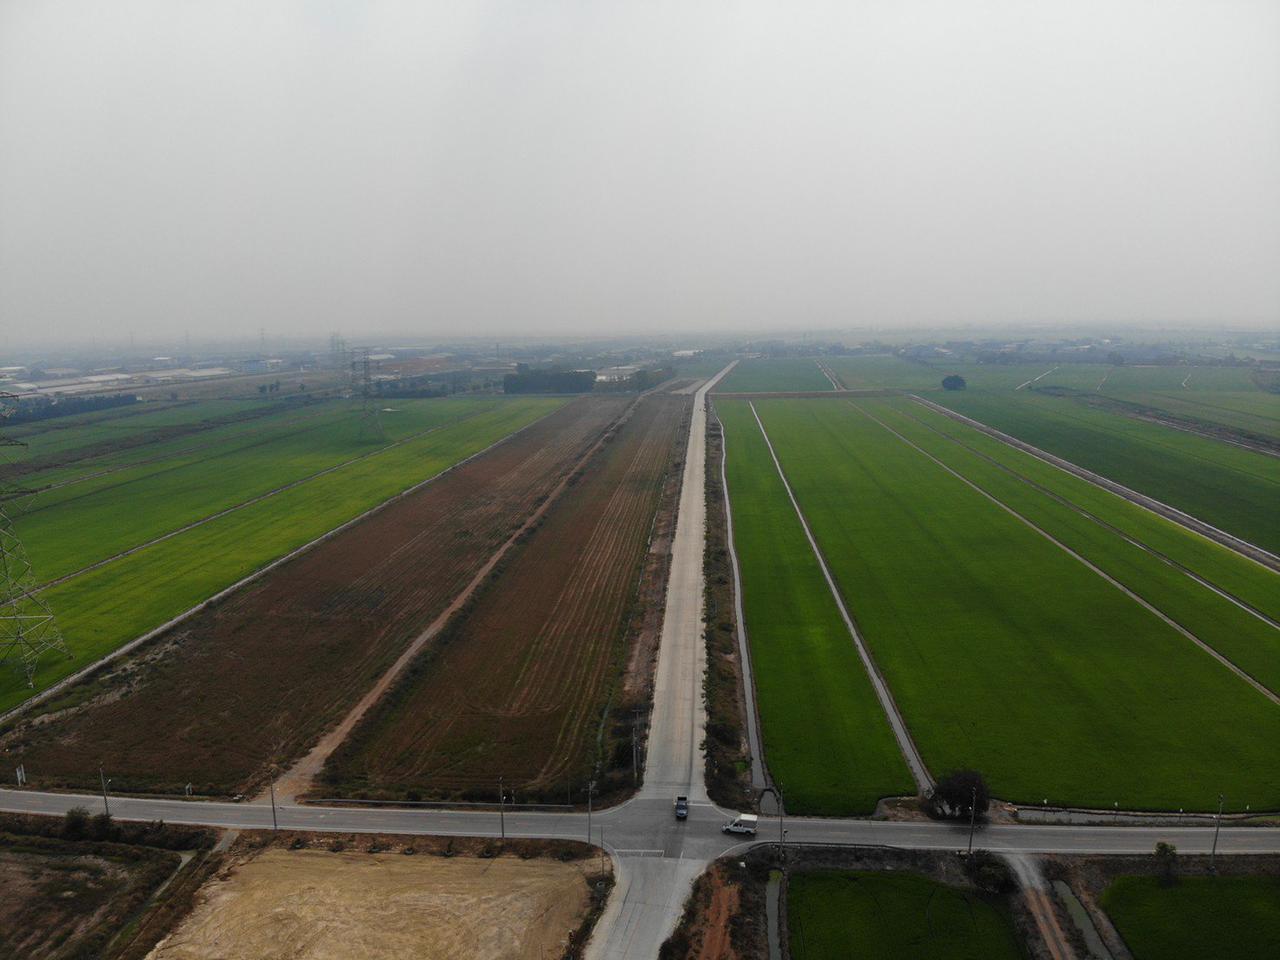 S301 ที่ดินแบ่งขายราคาถูก ขนาด 10 ไร่ ไทรน้อย นนทบุรี ราคา 4 ล้านบาท/ไร่ รูปที่ 6